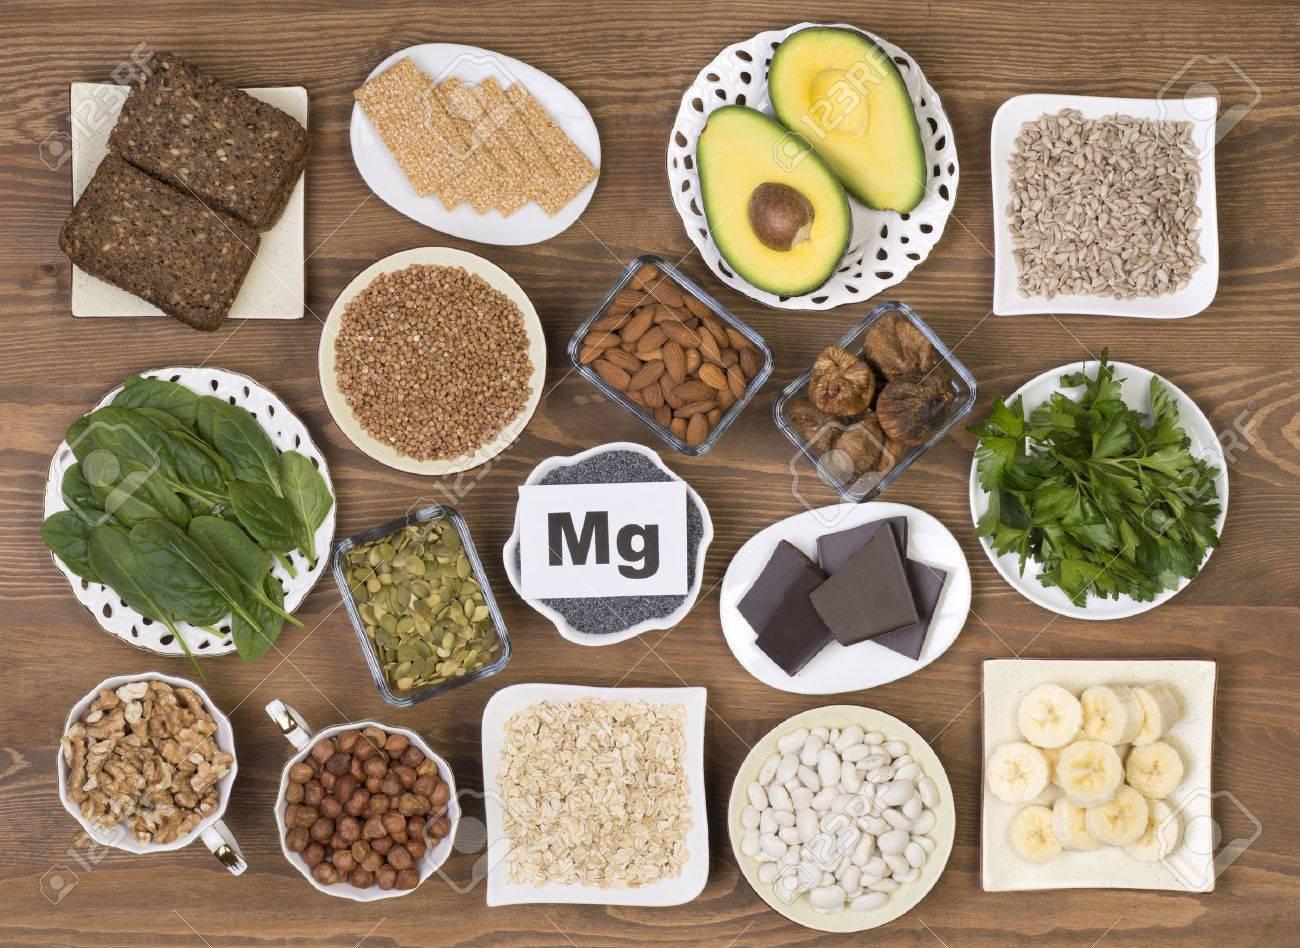 マグネシウムを含む食品 の写真素材・画像素材 Image 53951586.